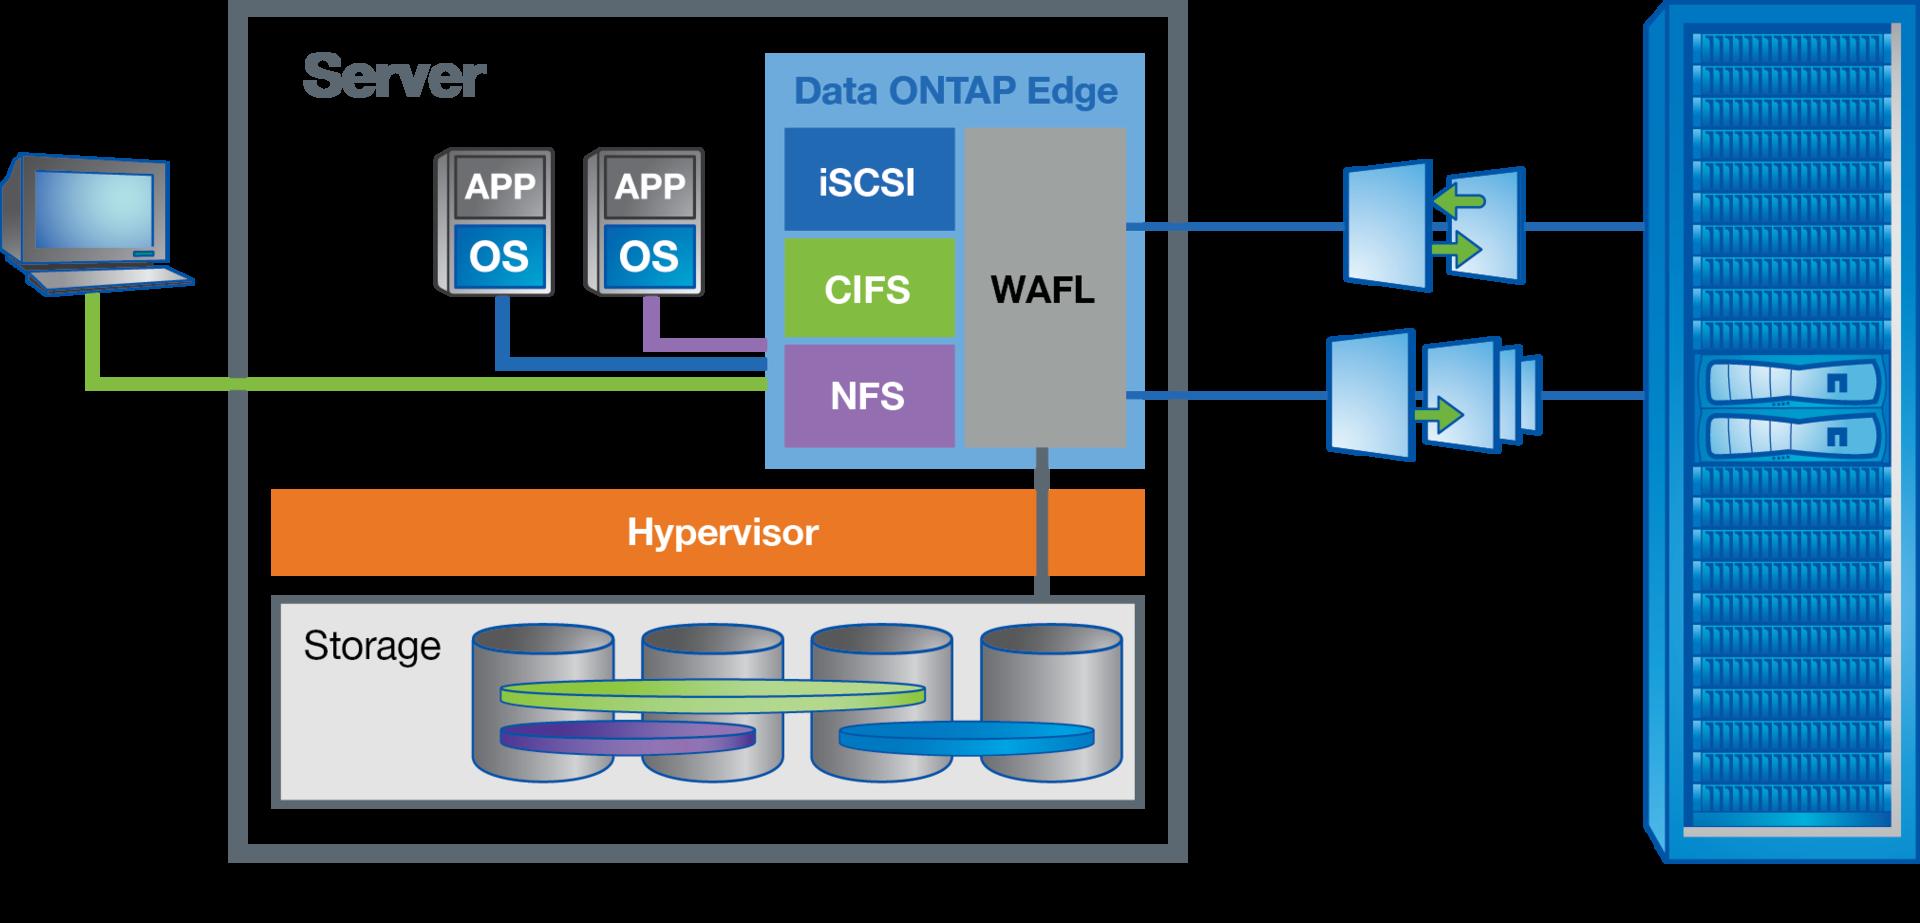 NetApp virtual storage appliance: Data ONTAP-v - 2